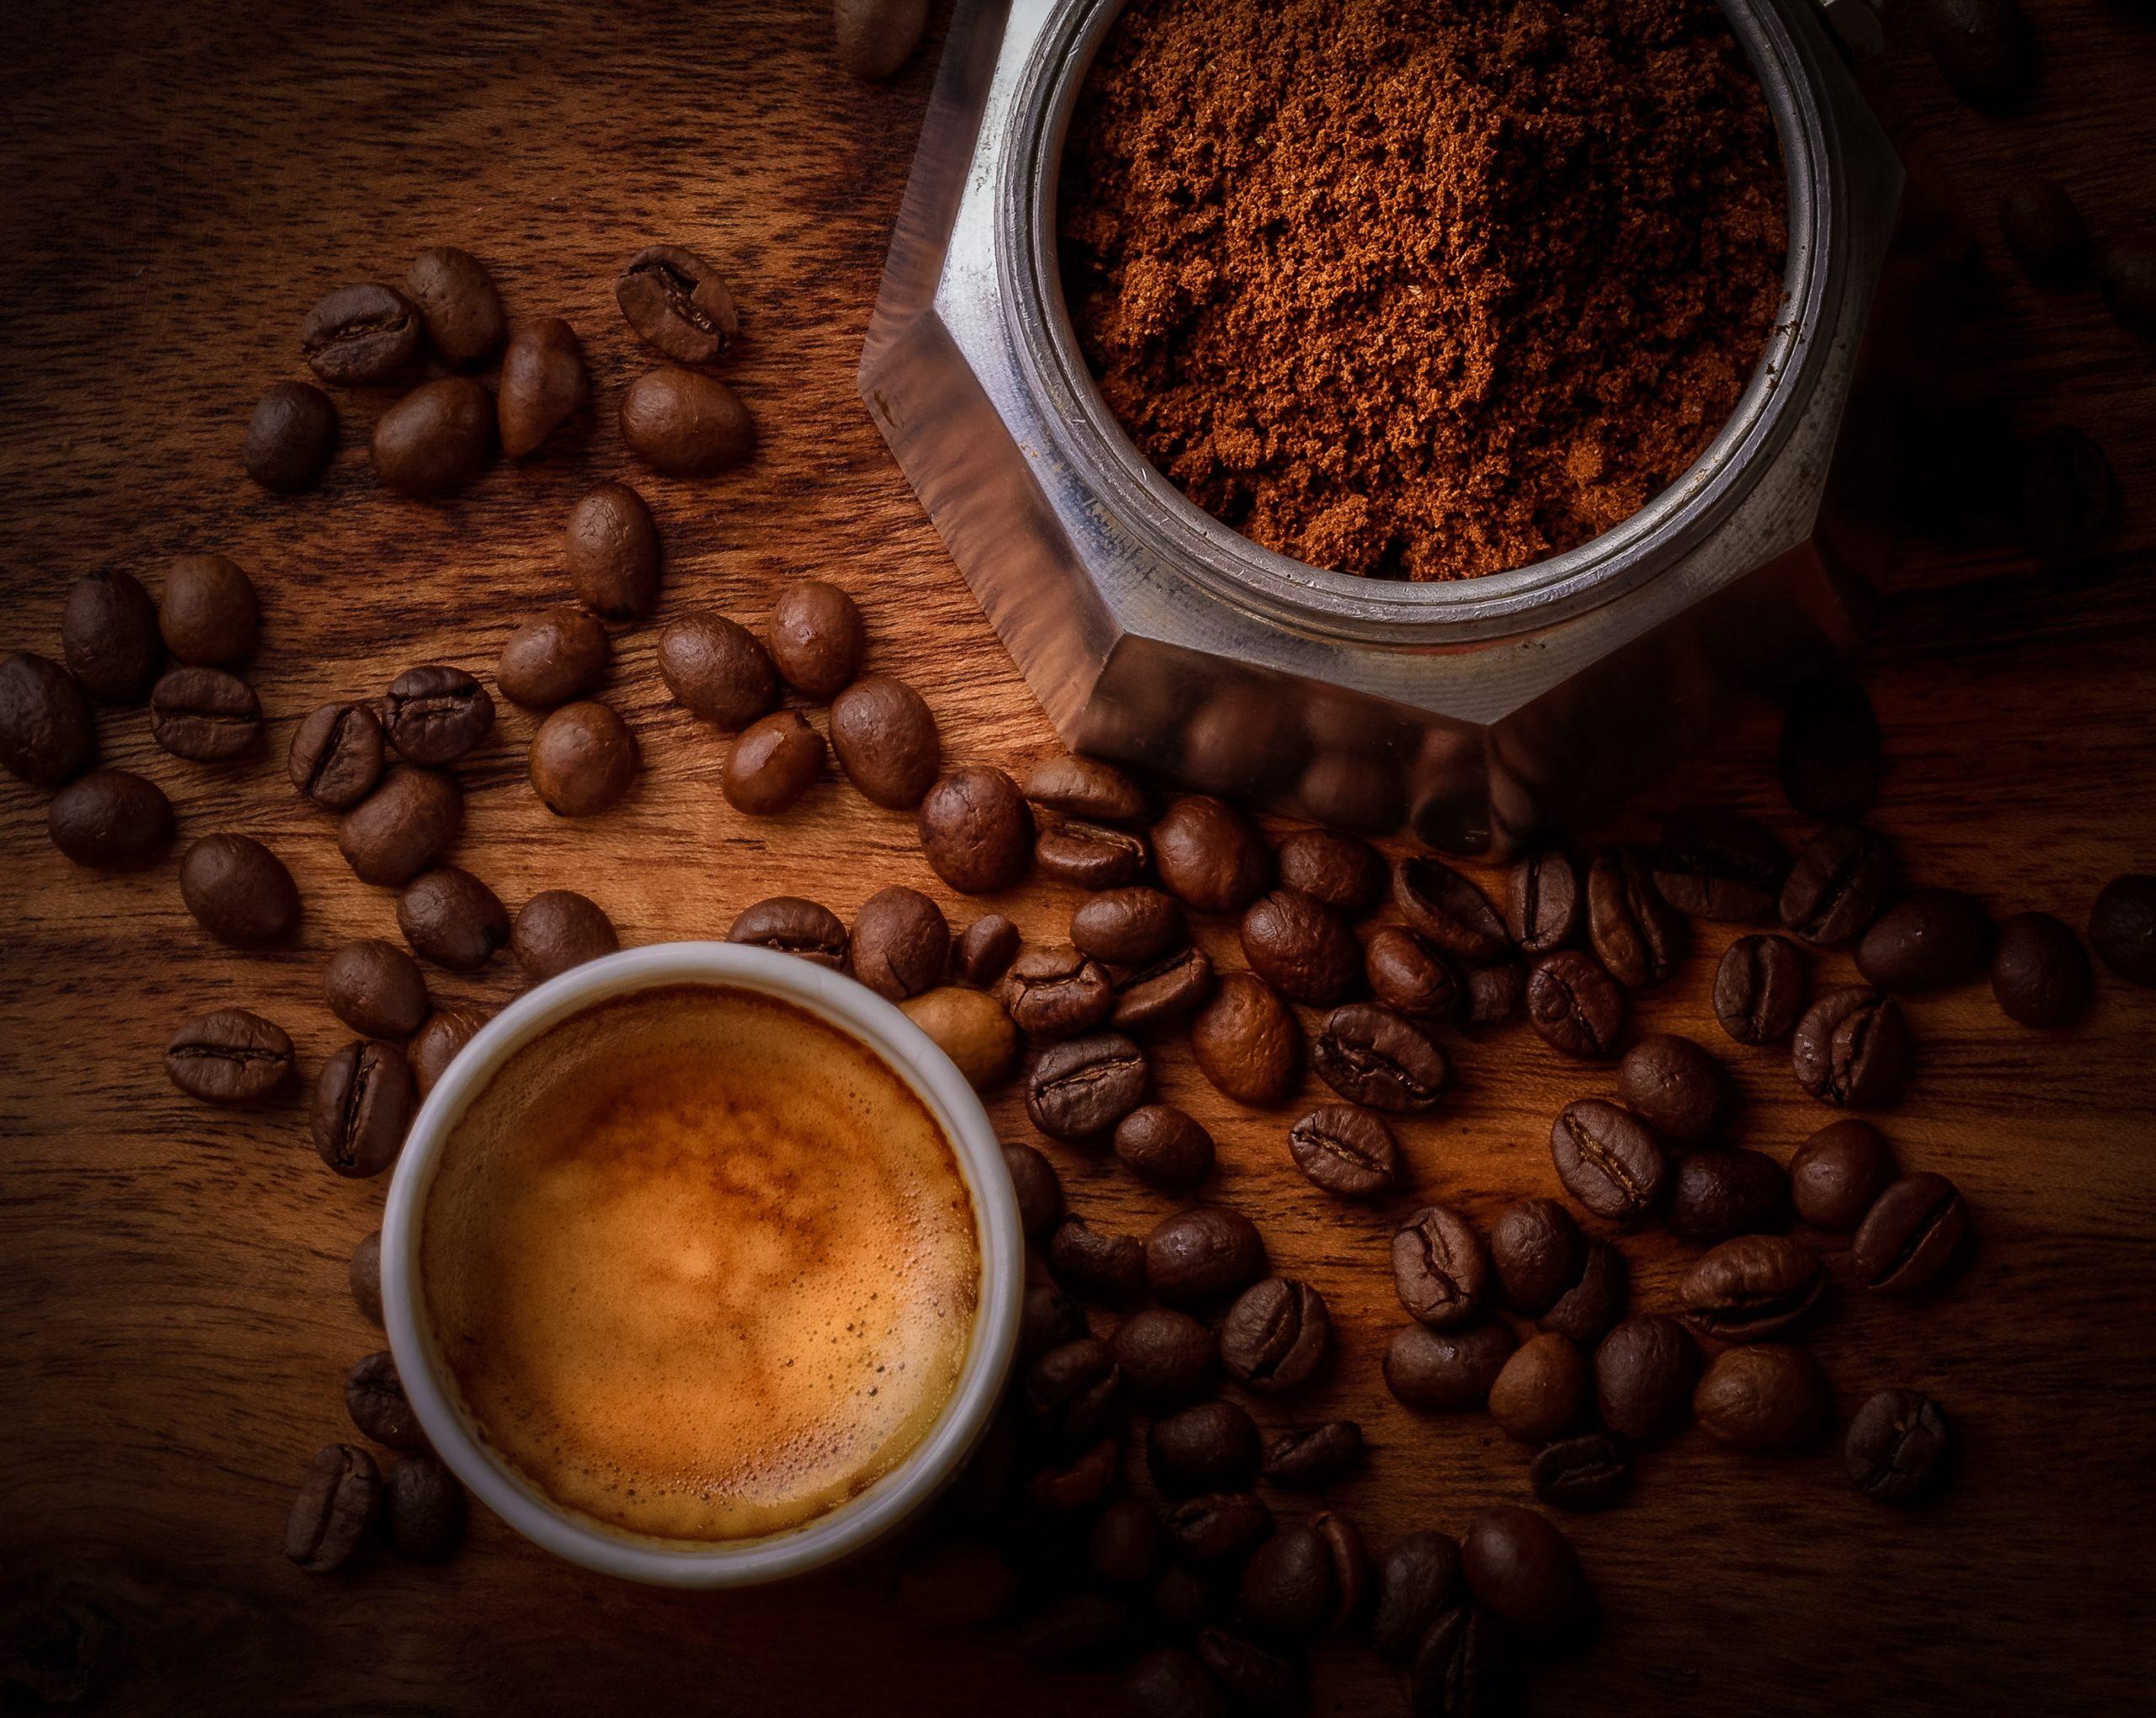 Na foto uma xícara com café, alguns grãos de café espalhados e um pote com pó de café.